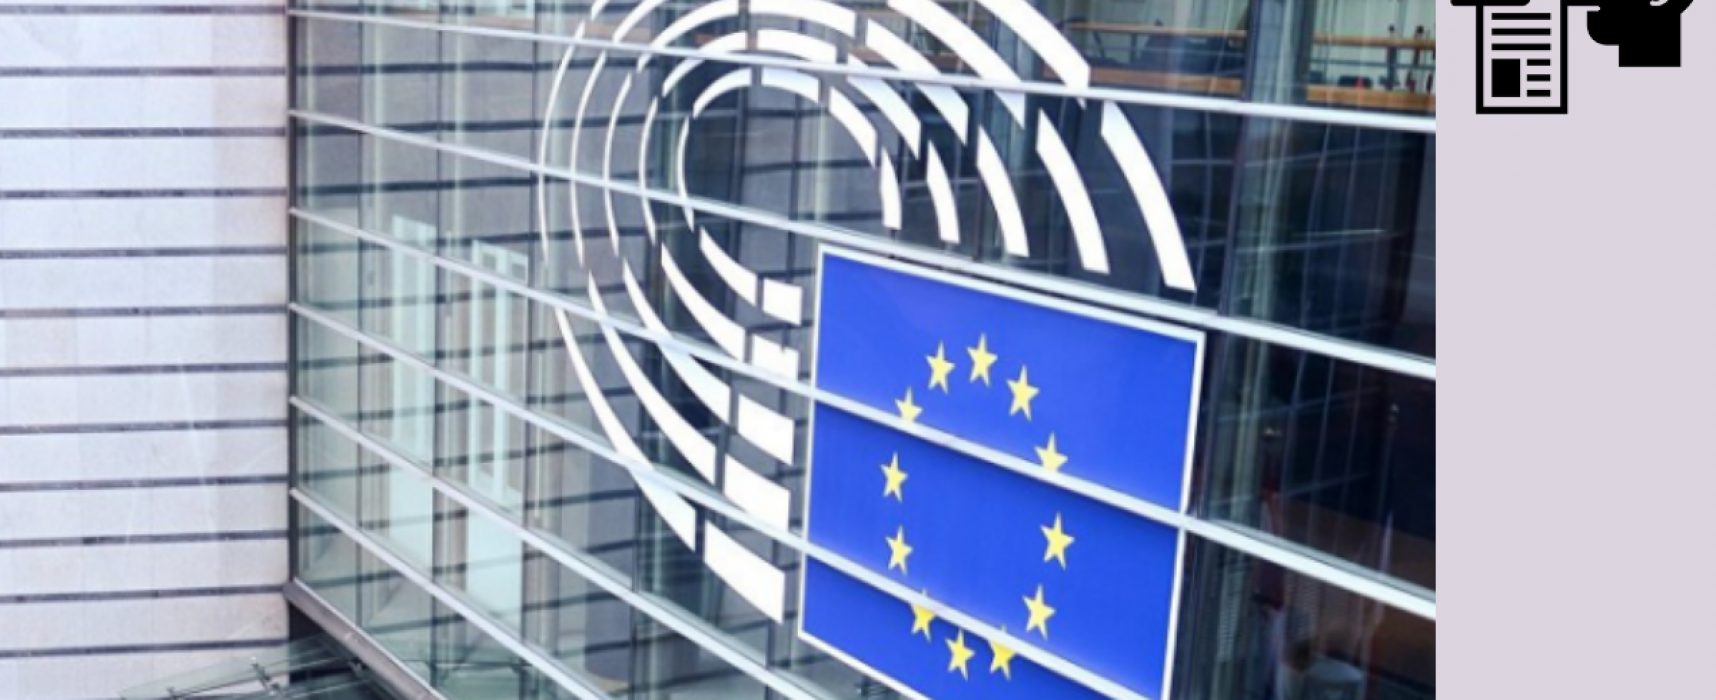 Фейк: ЕС практикует новые методы «колонизации» других стран